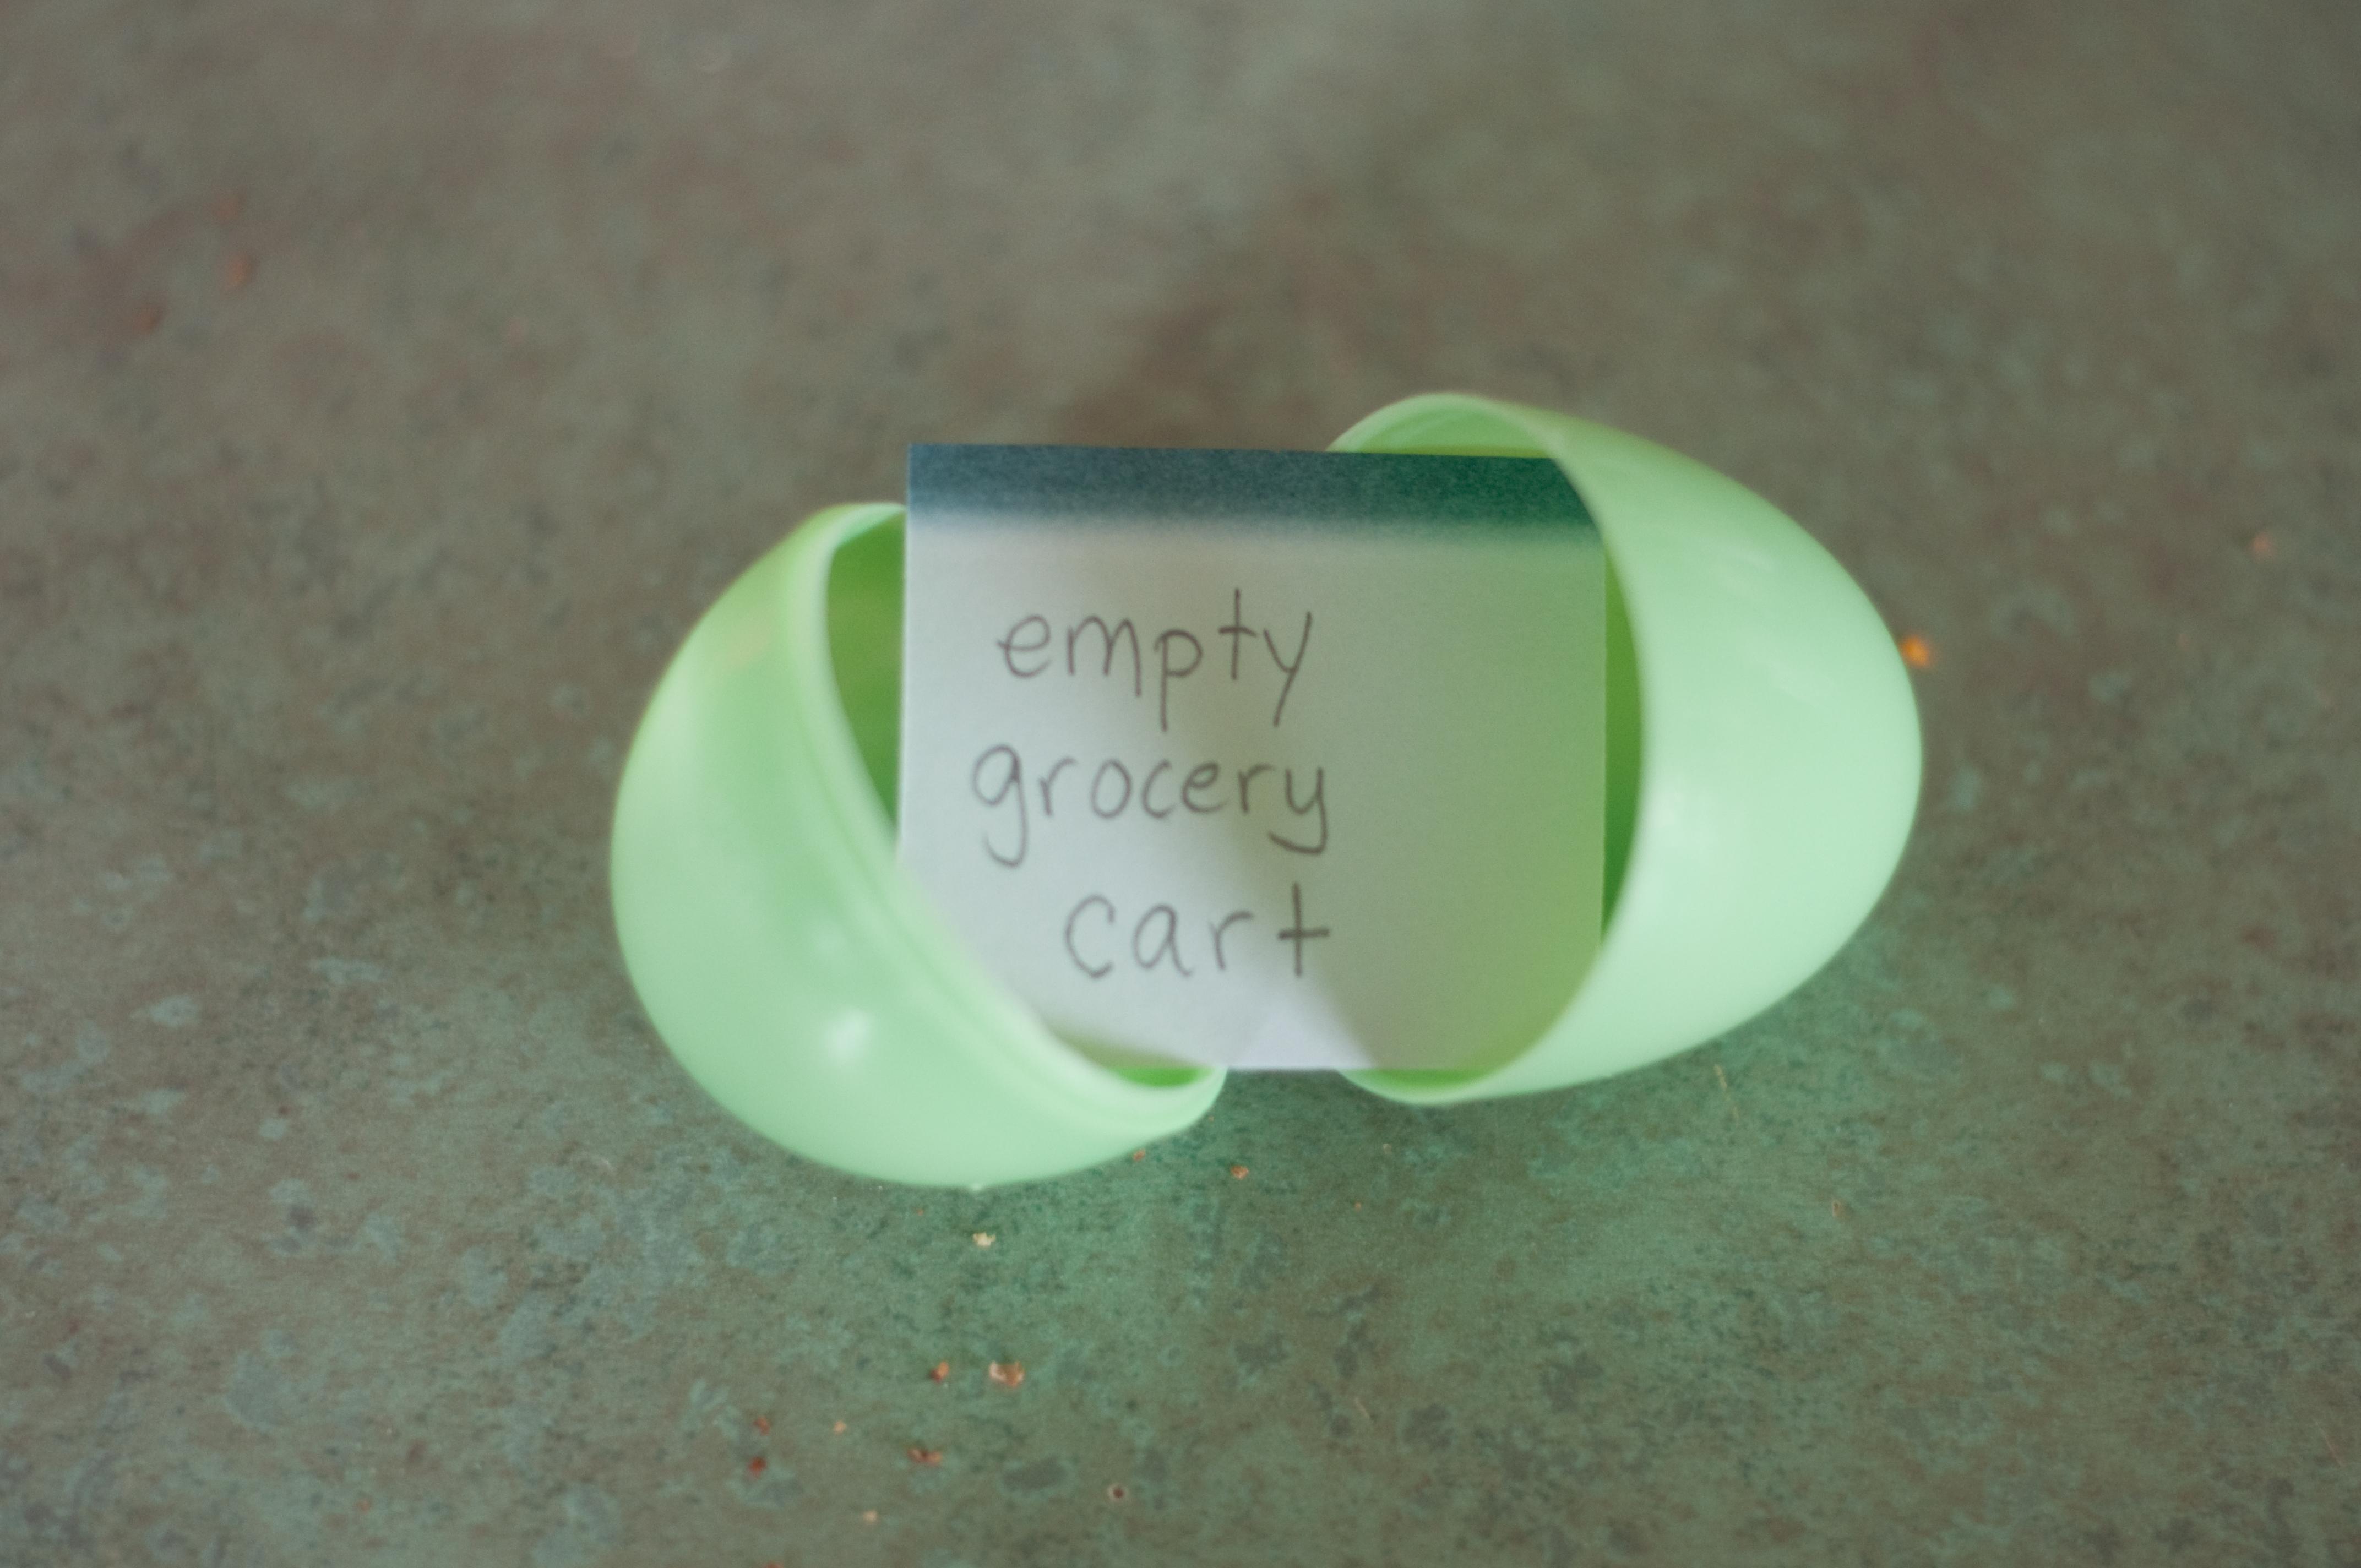 Story-telling Egg Hunt